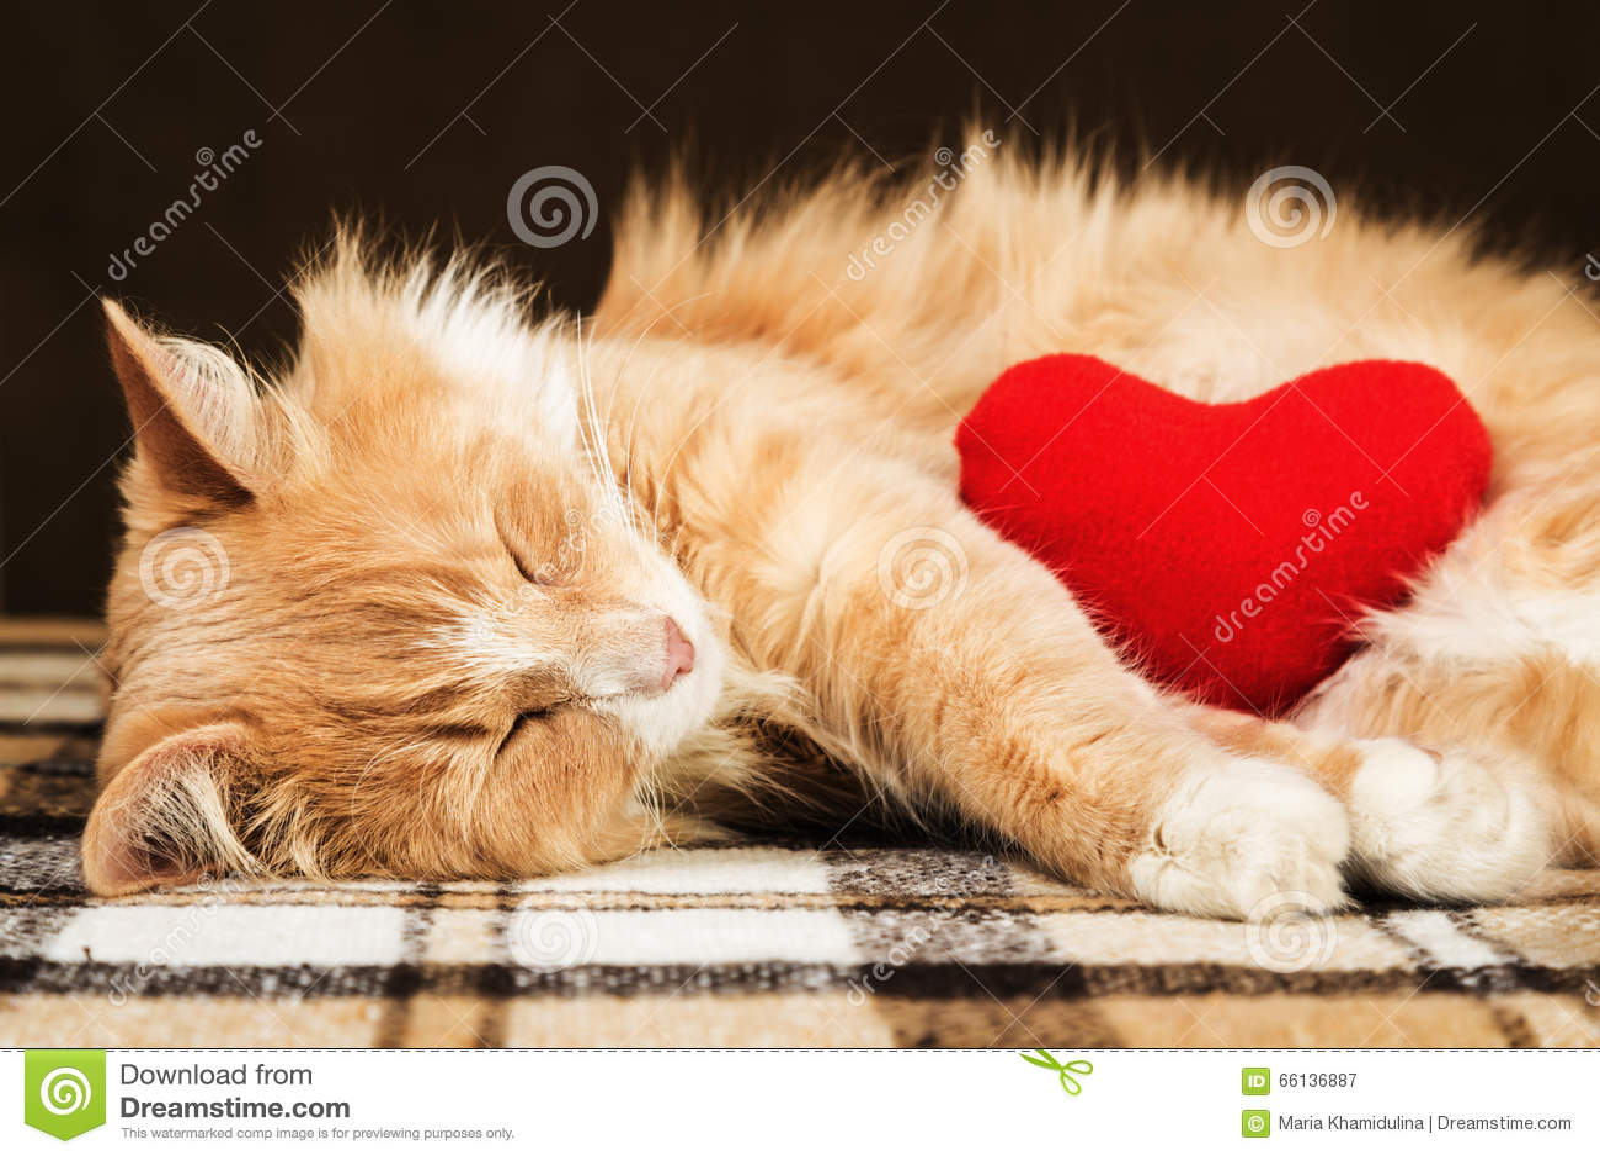 Jouet mou étreignant endormi de coeur de peluche de chat pelucheux mignon rouge